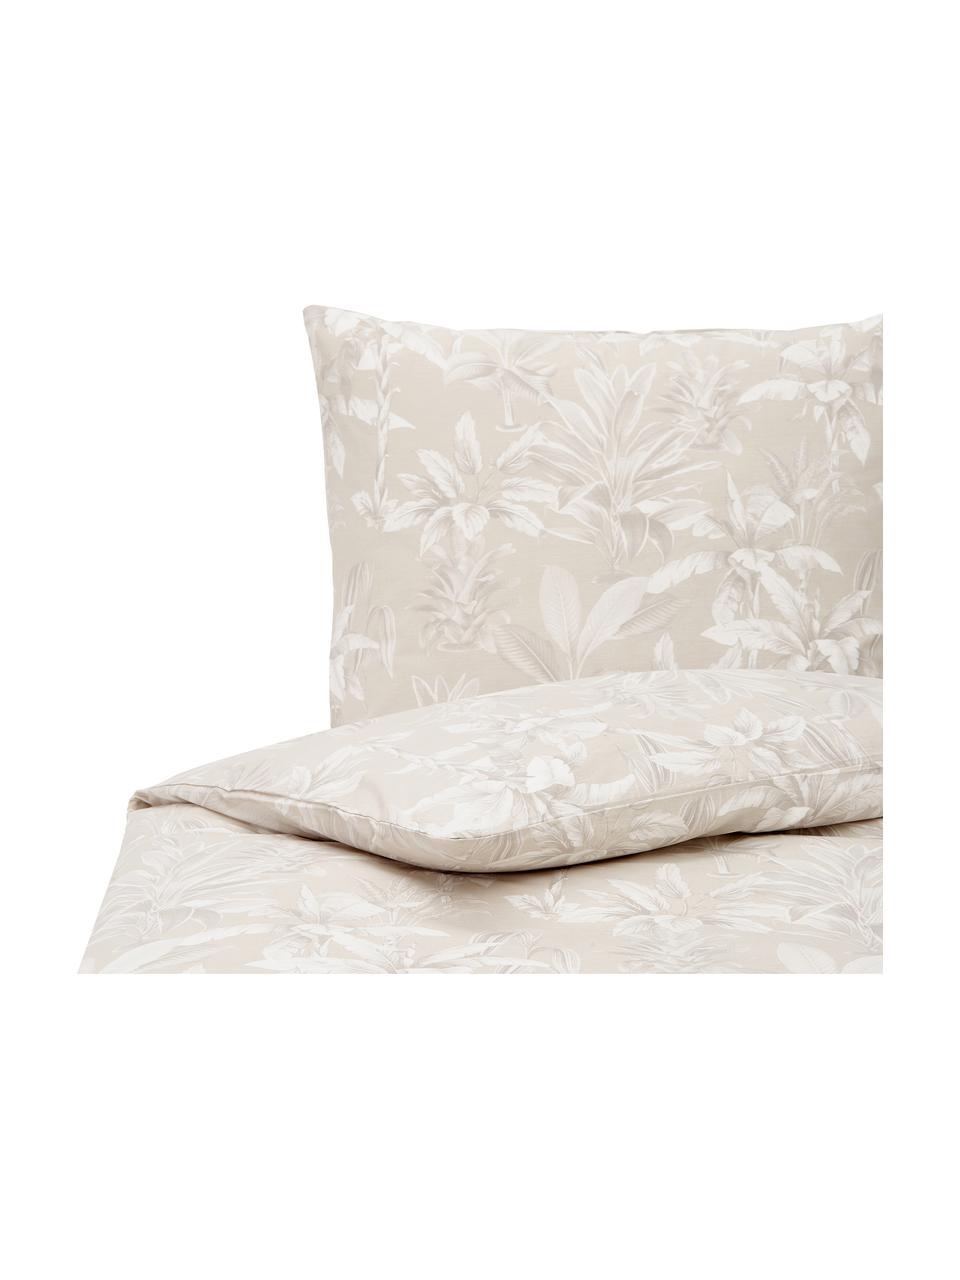 Pościel z bawełny Shanida, Beżowy, 135 x 200 cm + 1 poduszka 80 x 80 cm